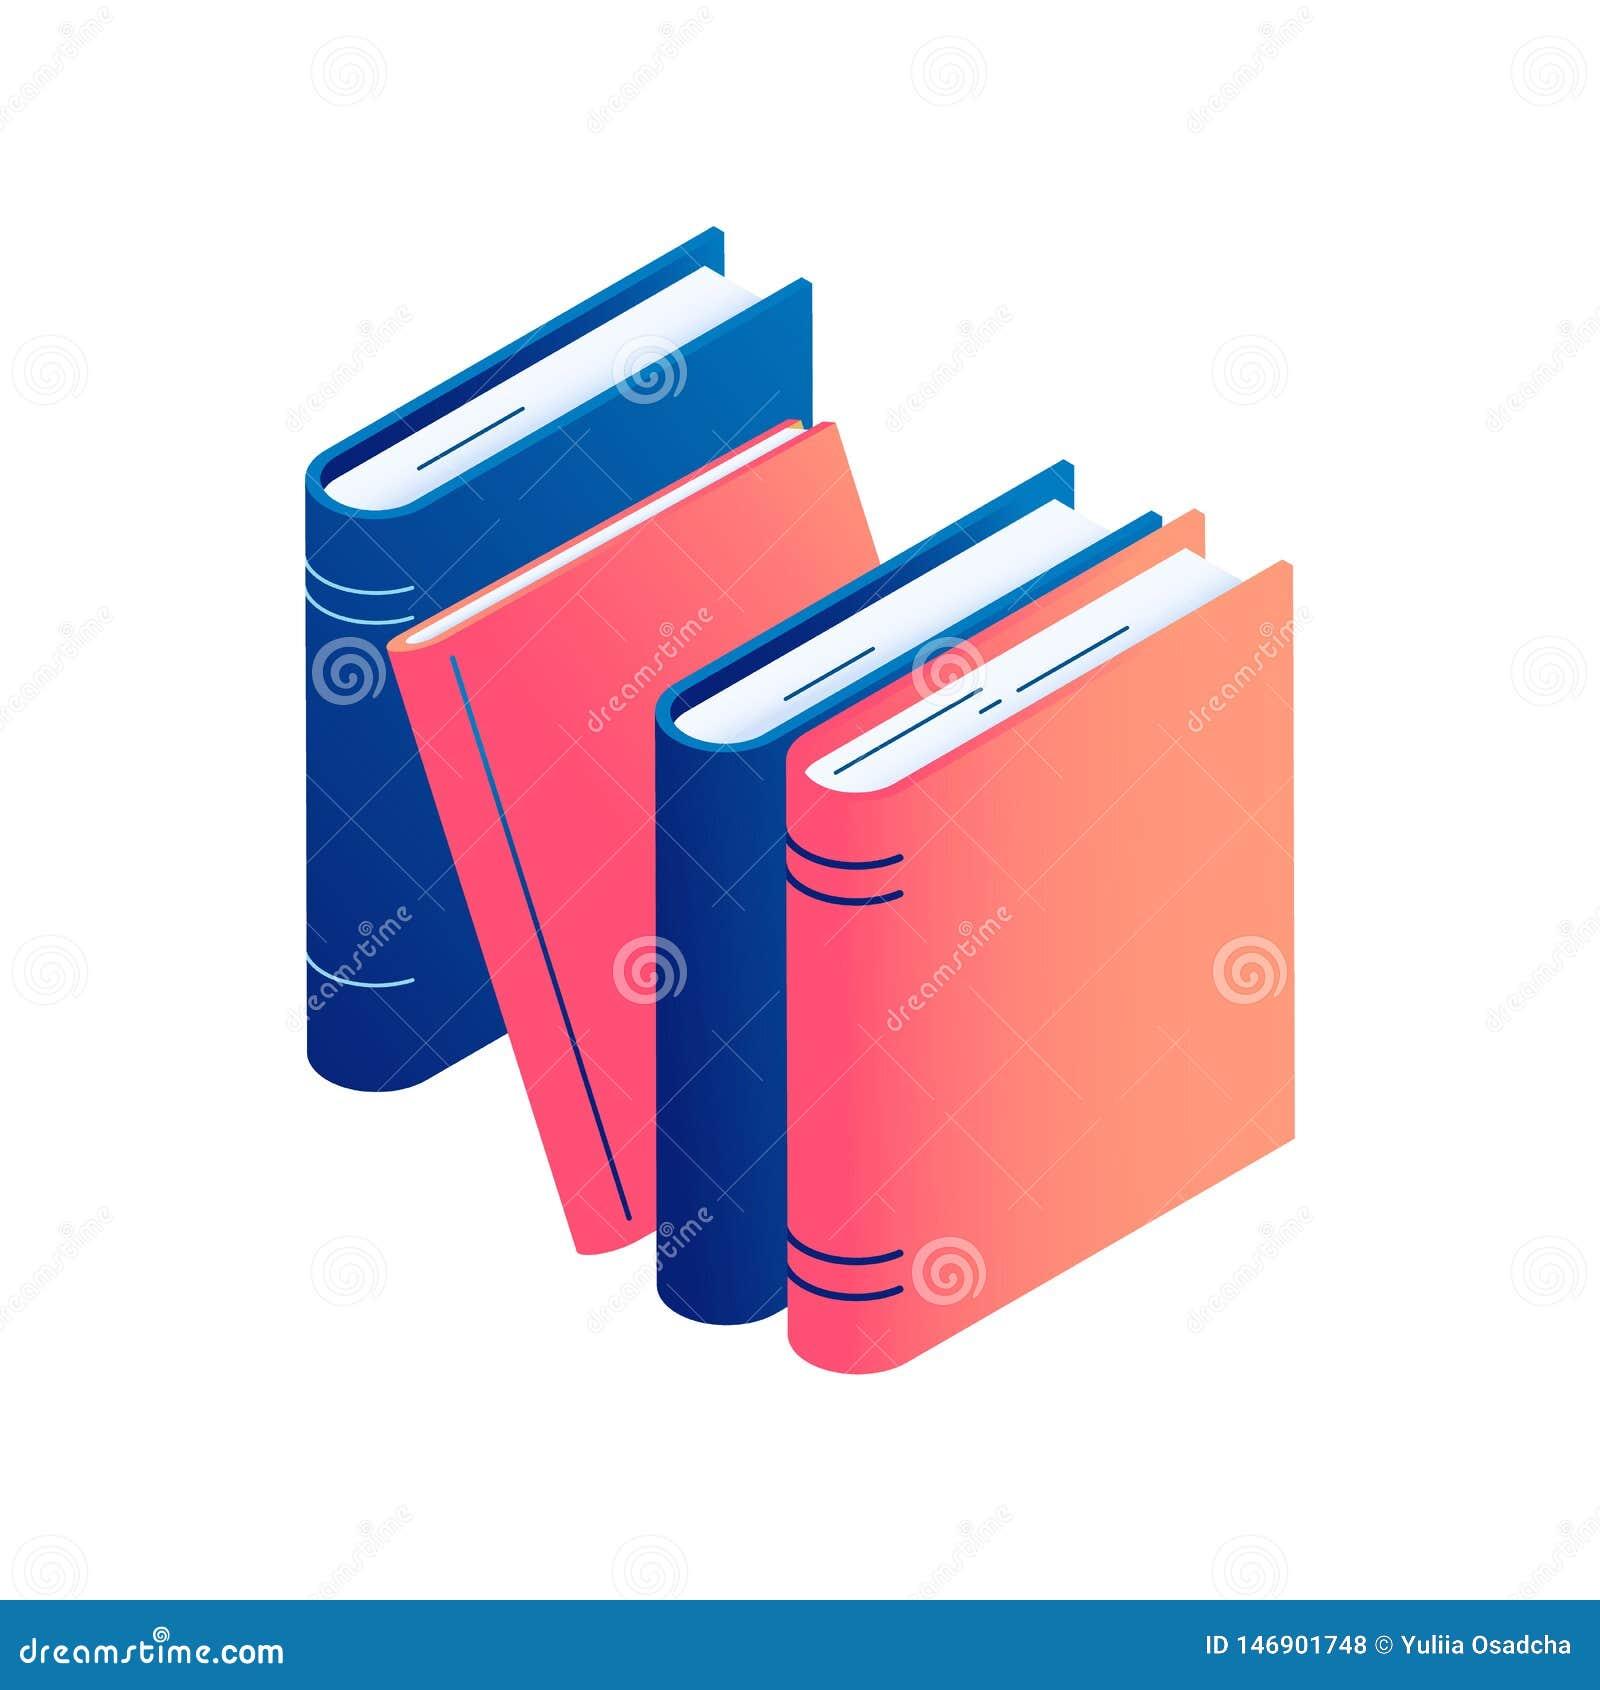 Isometric pozycja rezerwuje - odosobnioną wektorową ilustrację sterta literatura, słownik lub encyklopedia,